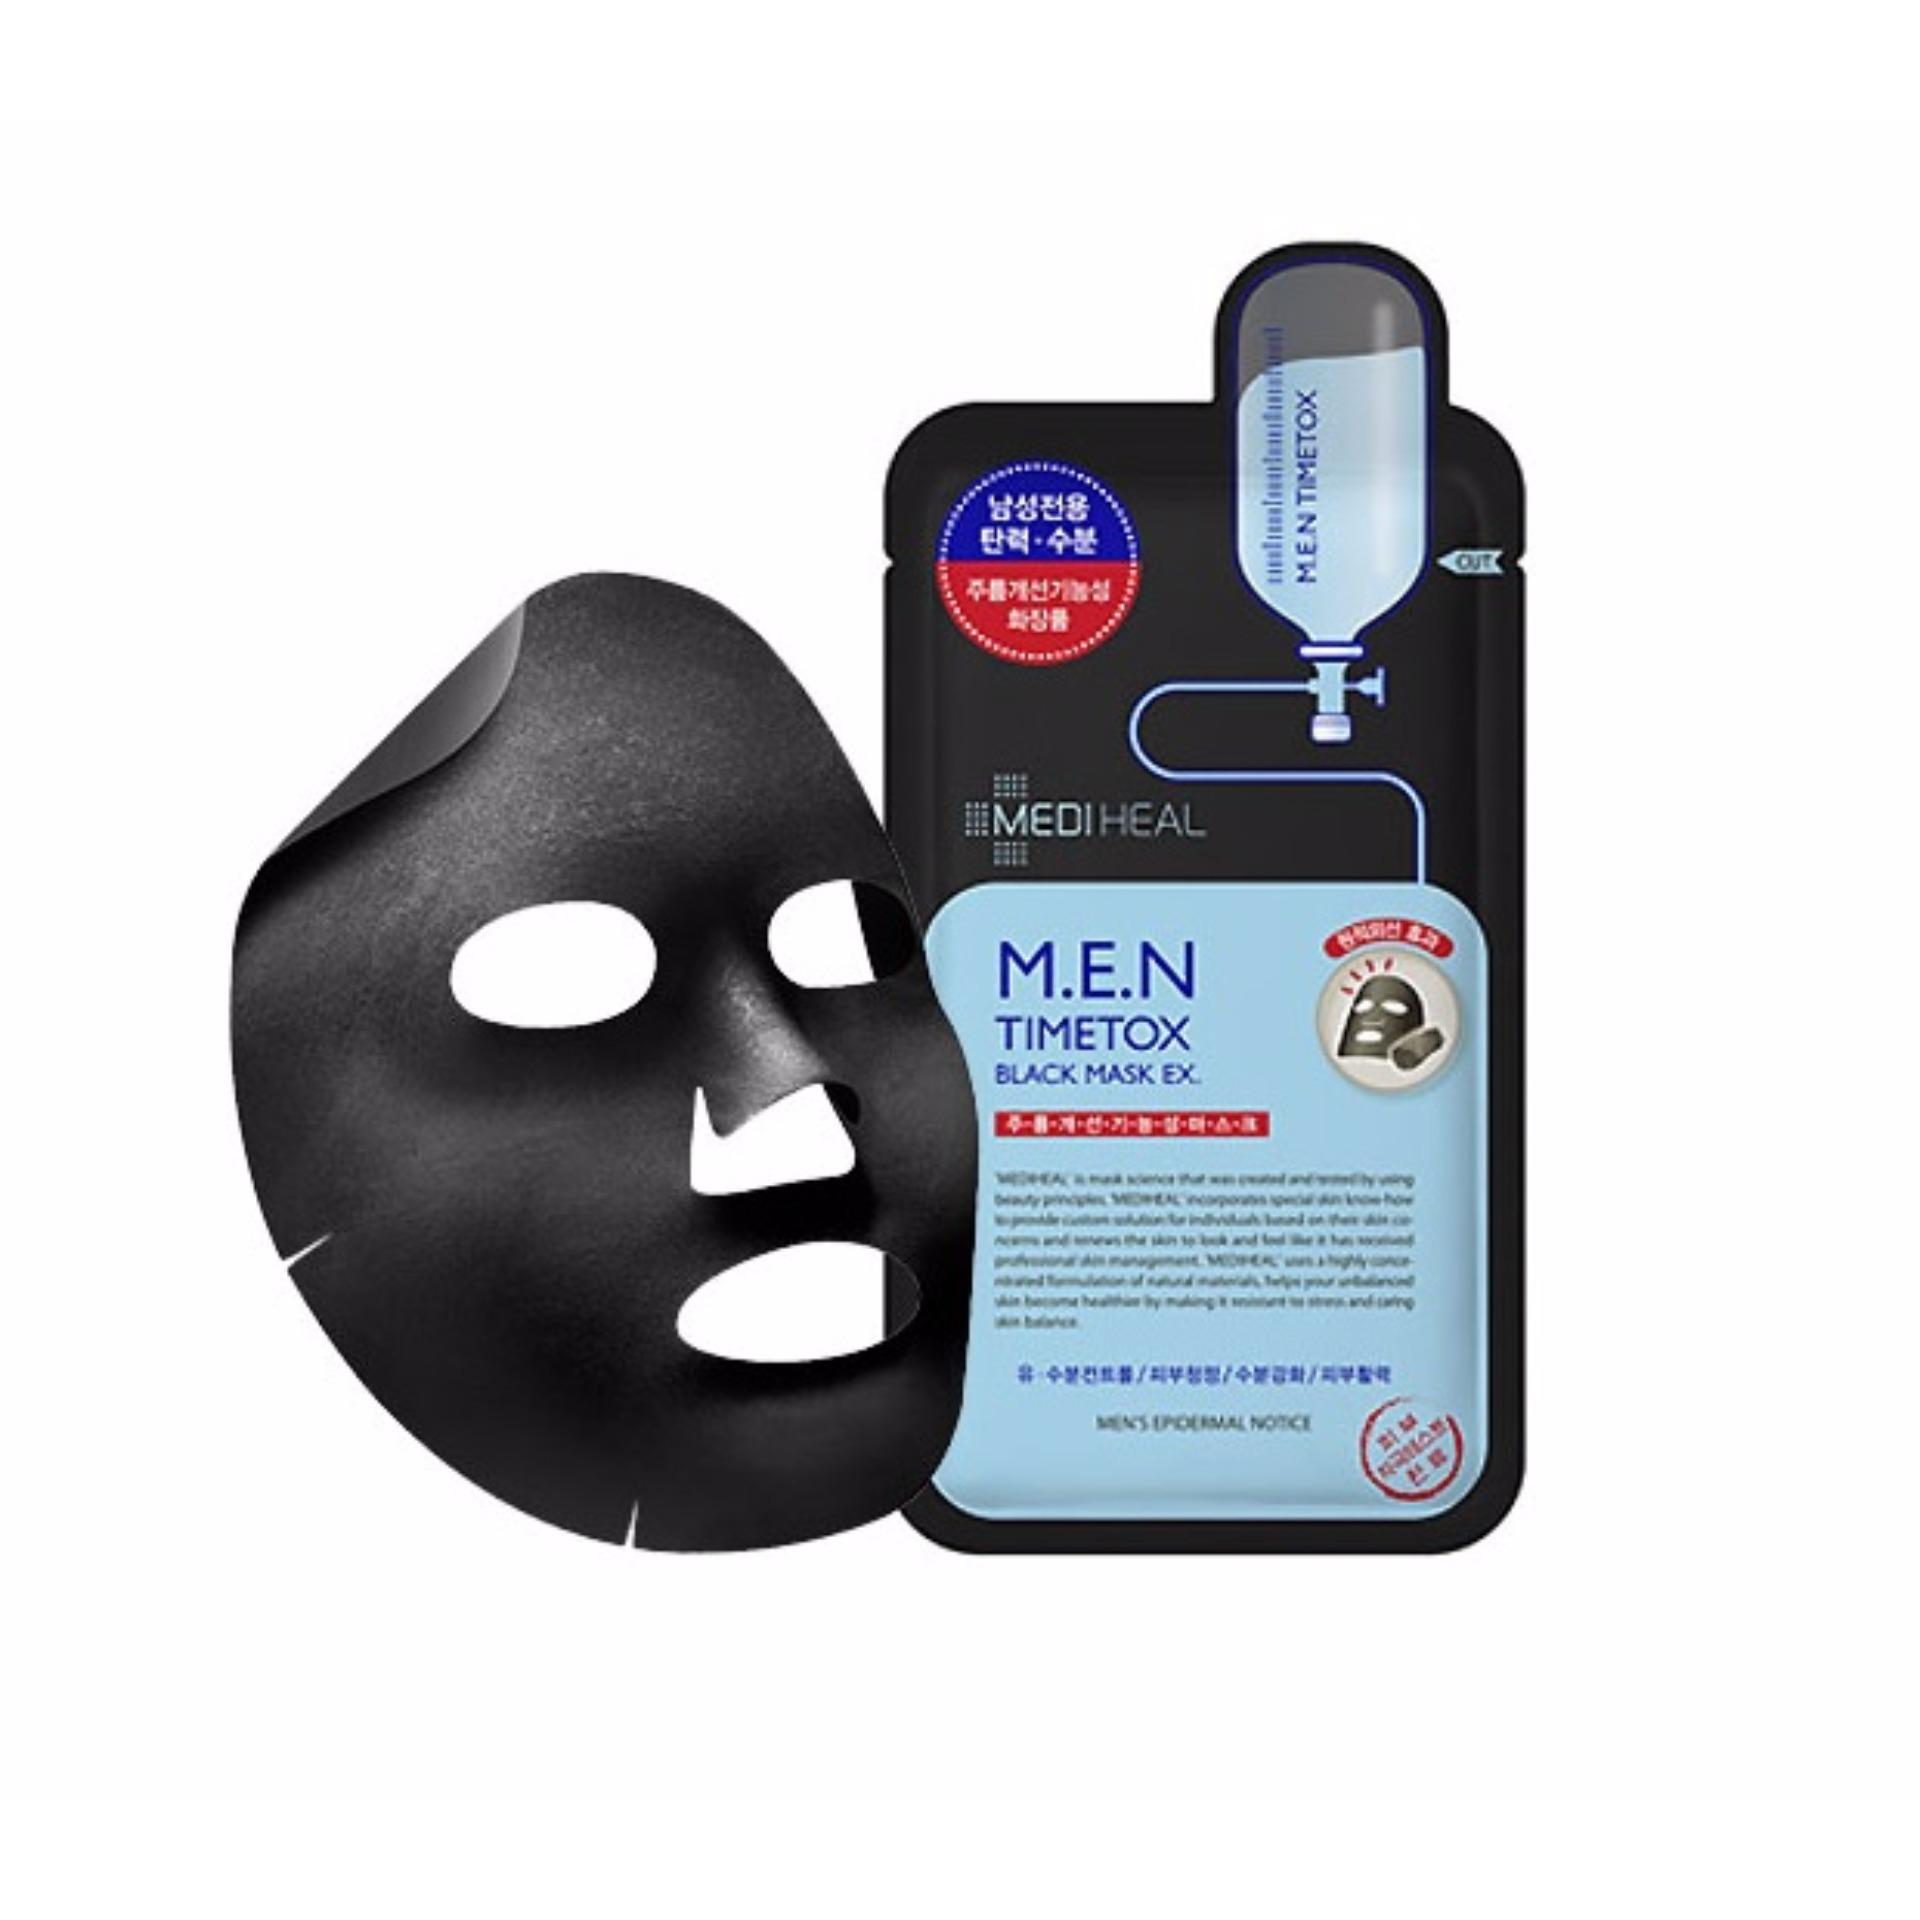 Mặt nạ than hoạt tính làm sạch sâu dưỡng da căng mịn dành cho nam Mediheal M.E.N Timetox Black Mask Ex 25ml